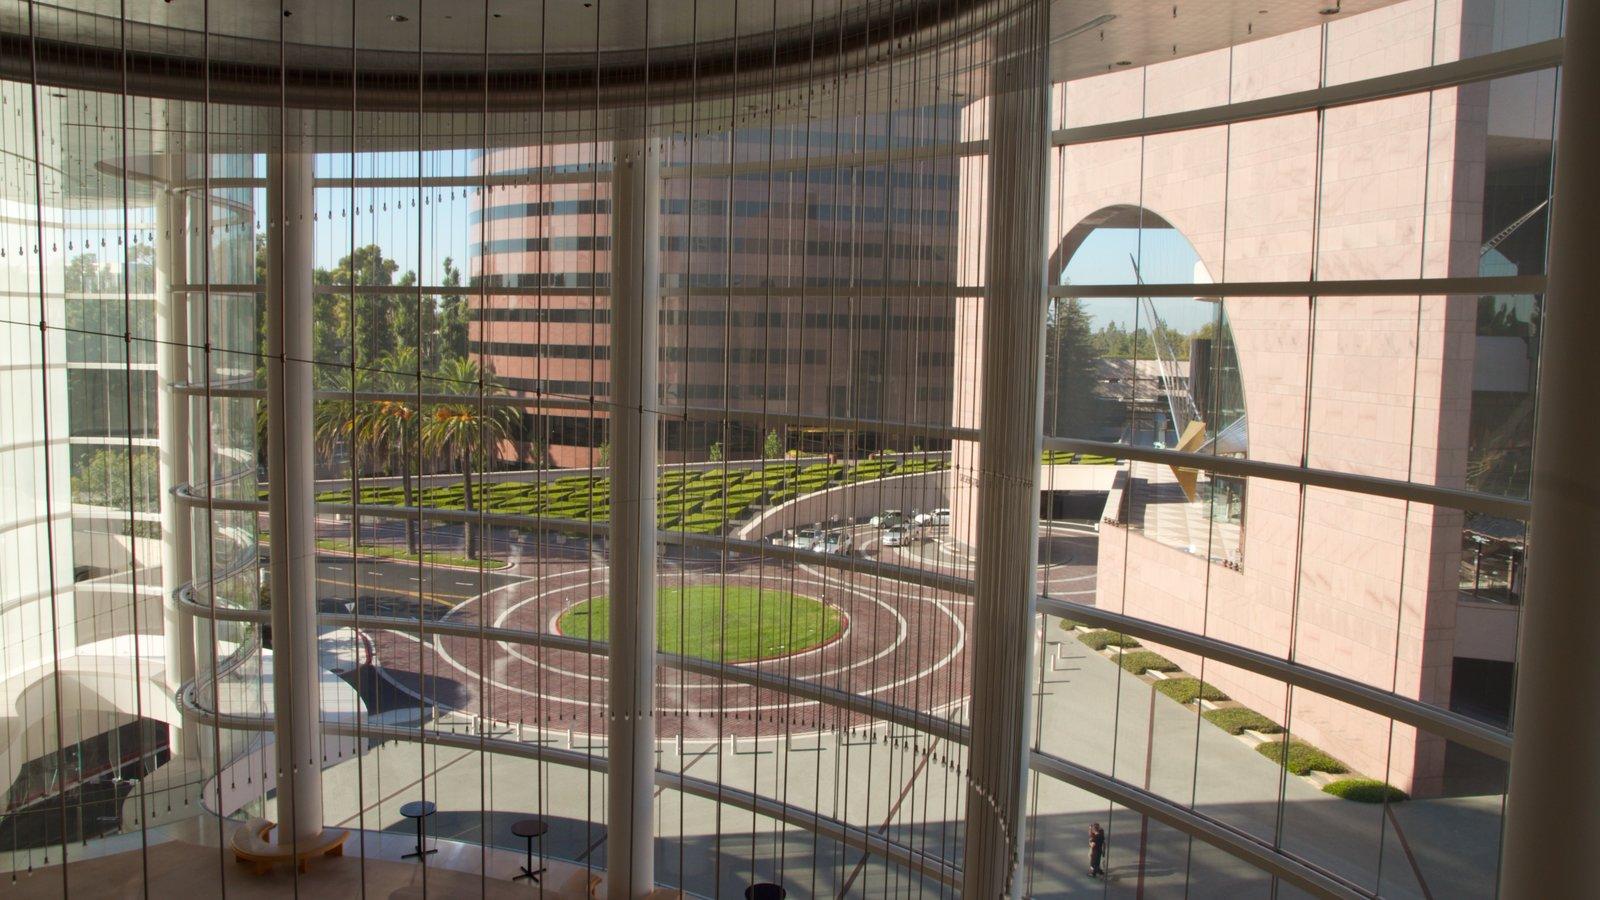 Segerstrom Center for the Arts caracterizando uma cidade, vistas internas e arquitetura moderna